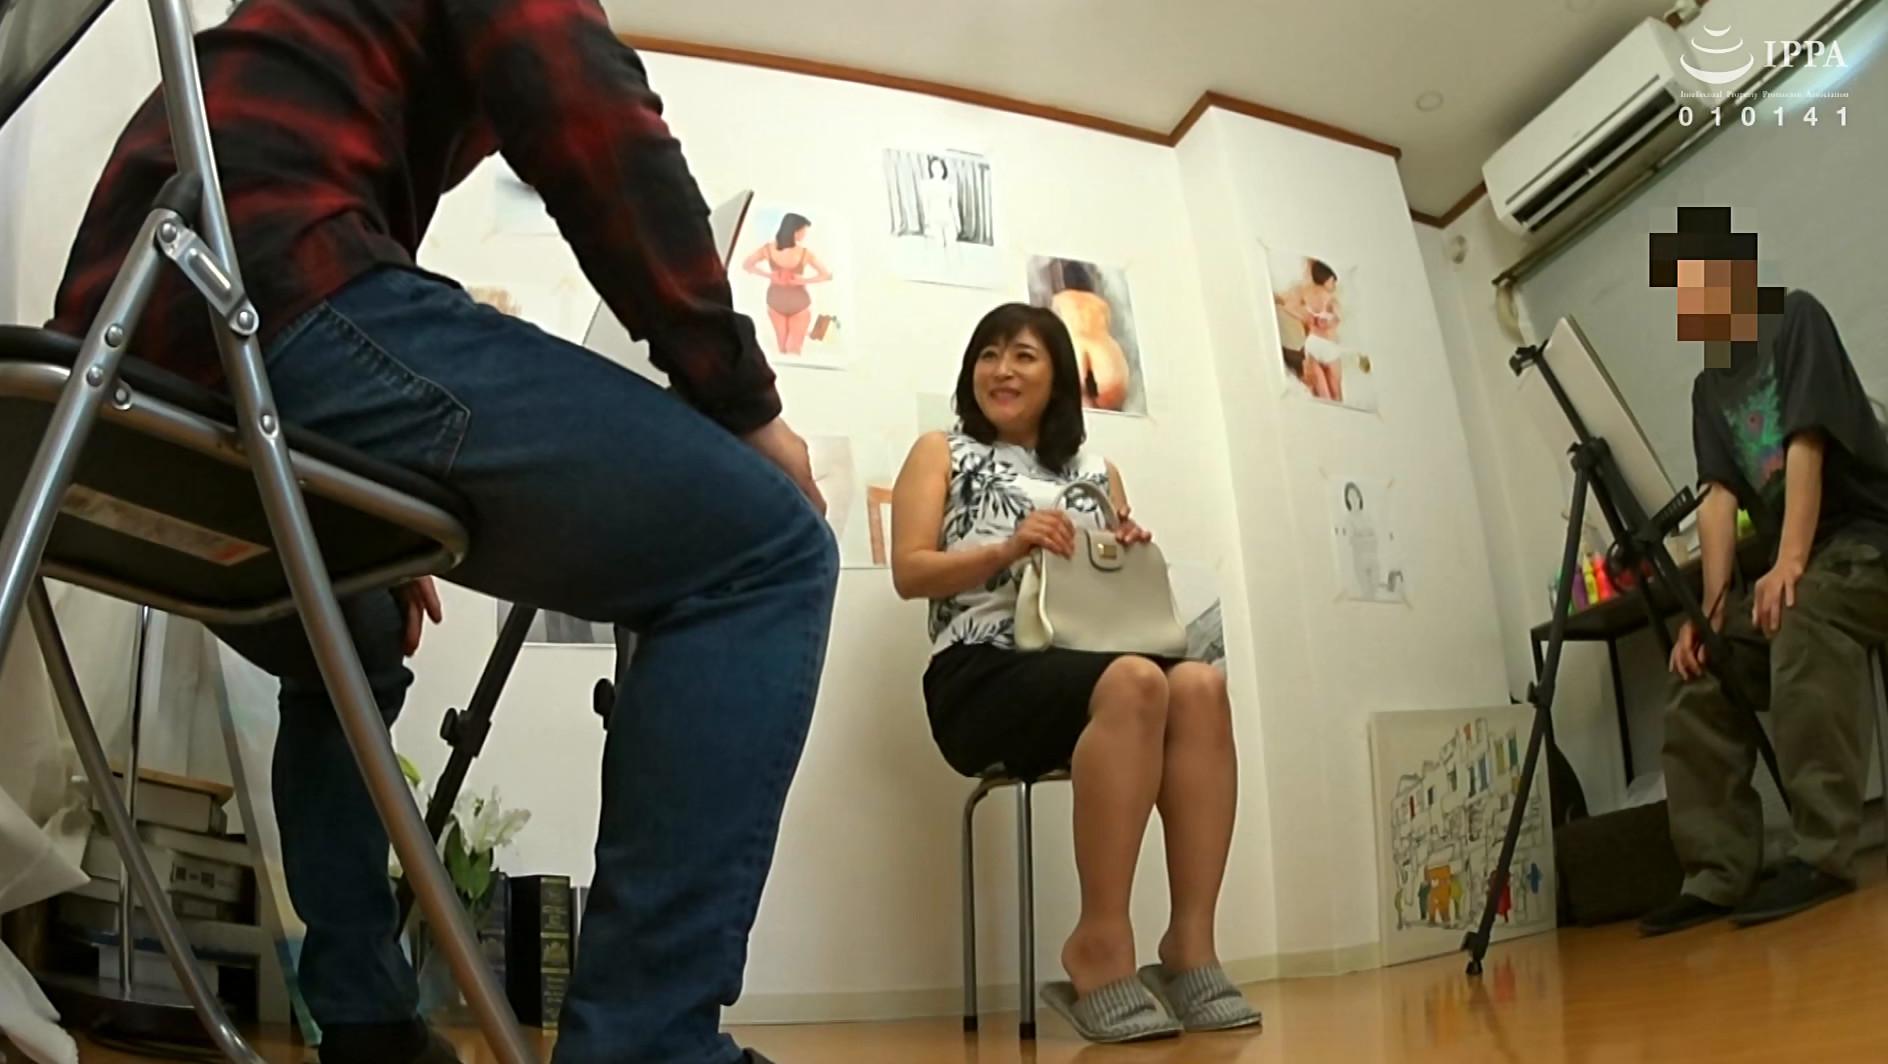 ヌードデッサンモデルの高額アルバイトでやってきた人妻さんに男根挿入して種付けSEXするビデオ 総集編 20人8時間 画像20